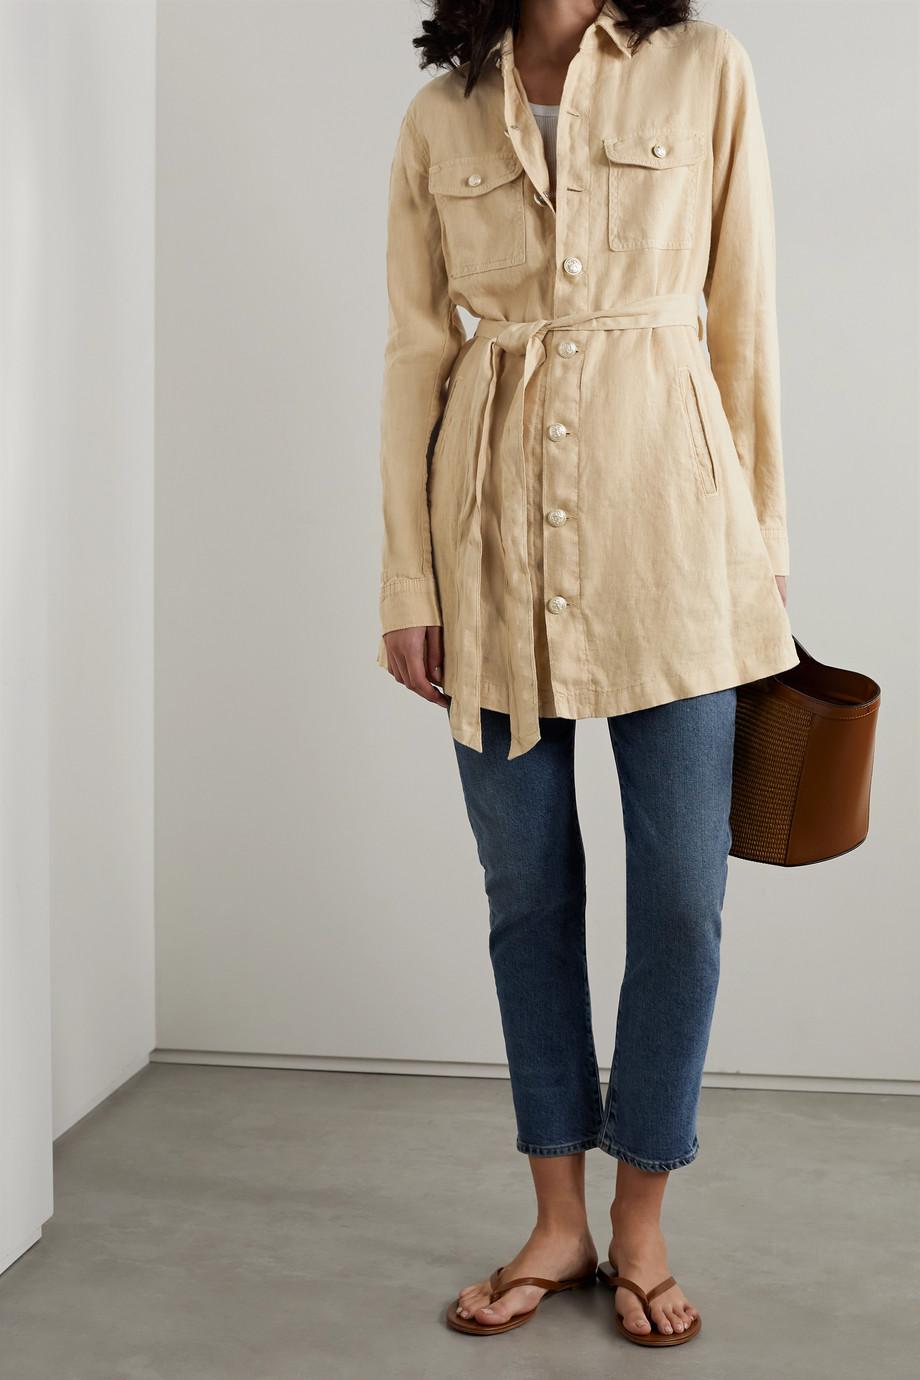 L'Agence Samantha belted linen jacket